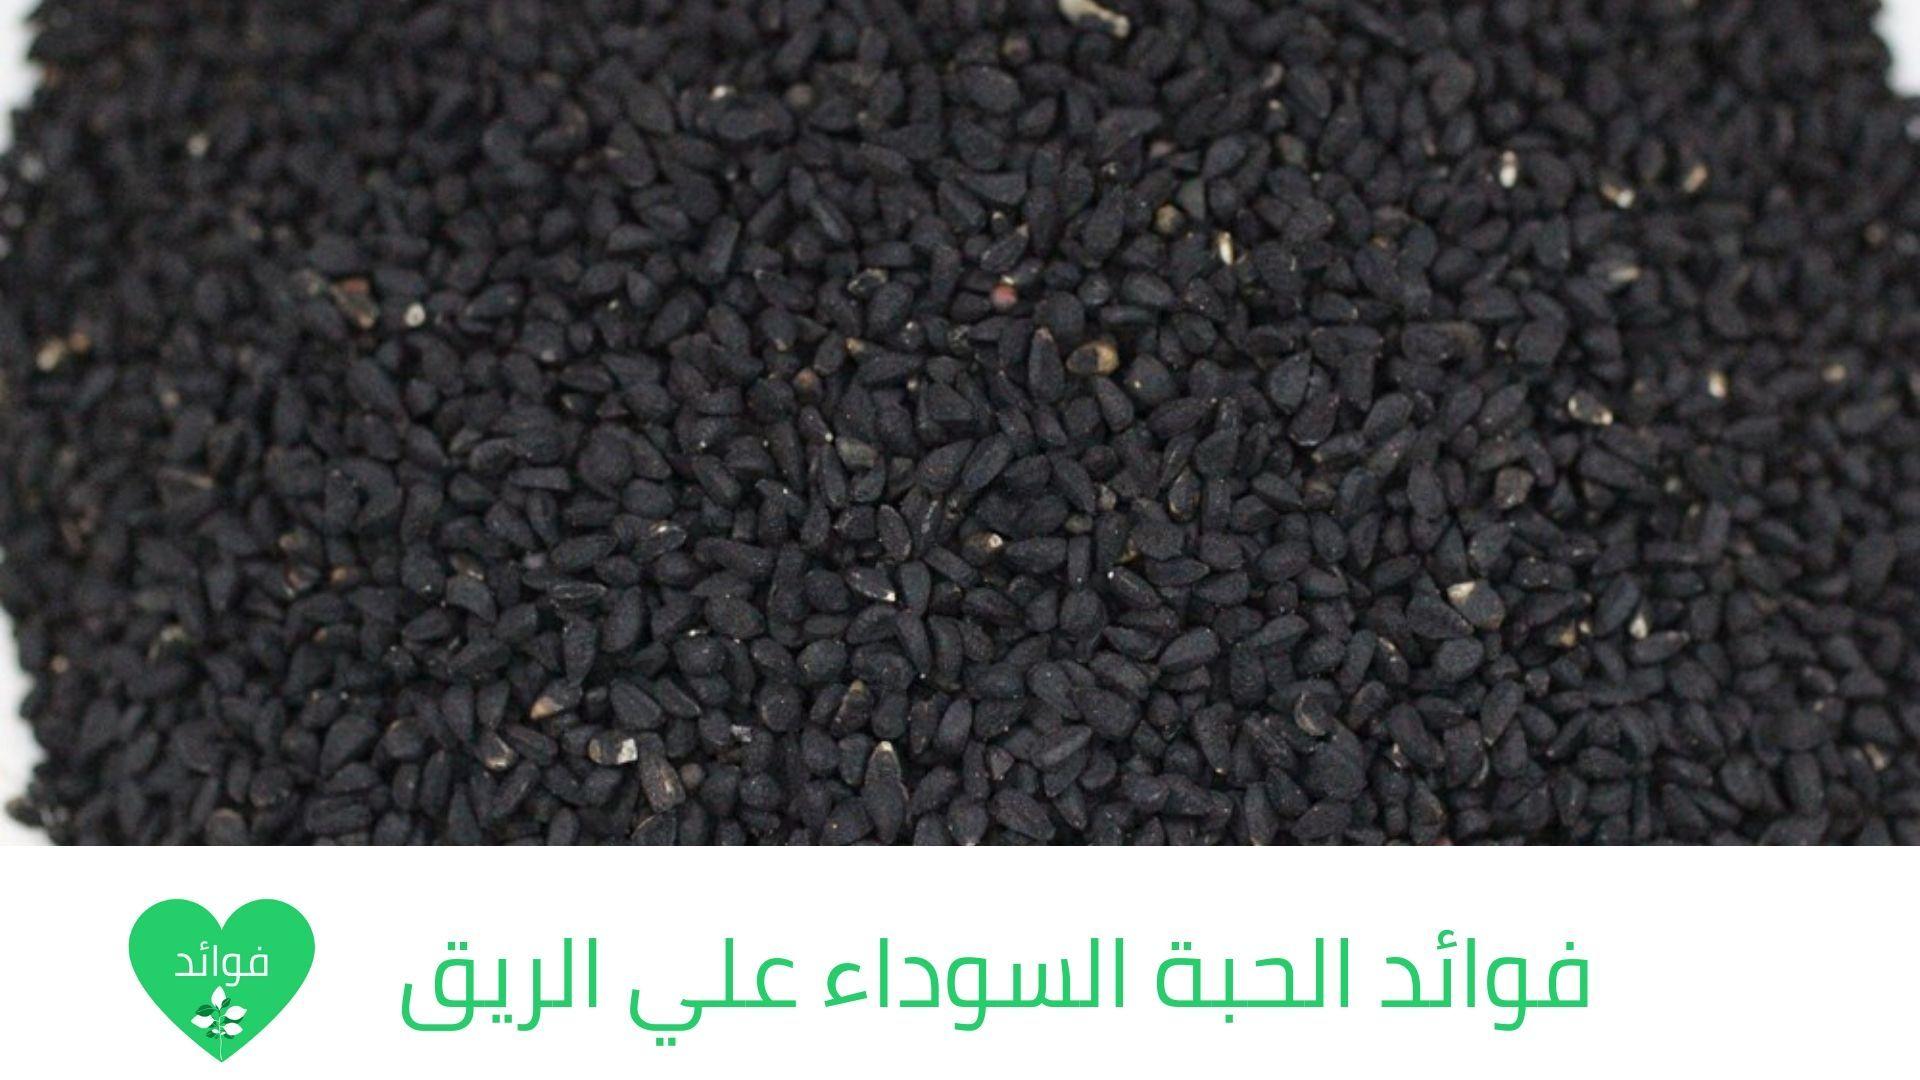 فوائد الحبة السوداء علي الريق حبة البركة وفوائدها للجسم والبشرة How To Dry Basil Herbs Dried